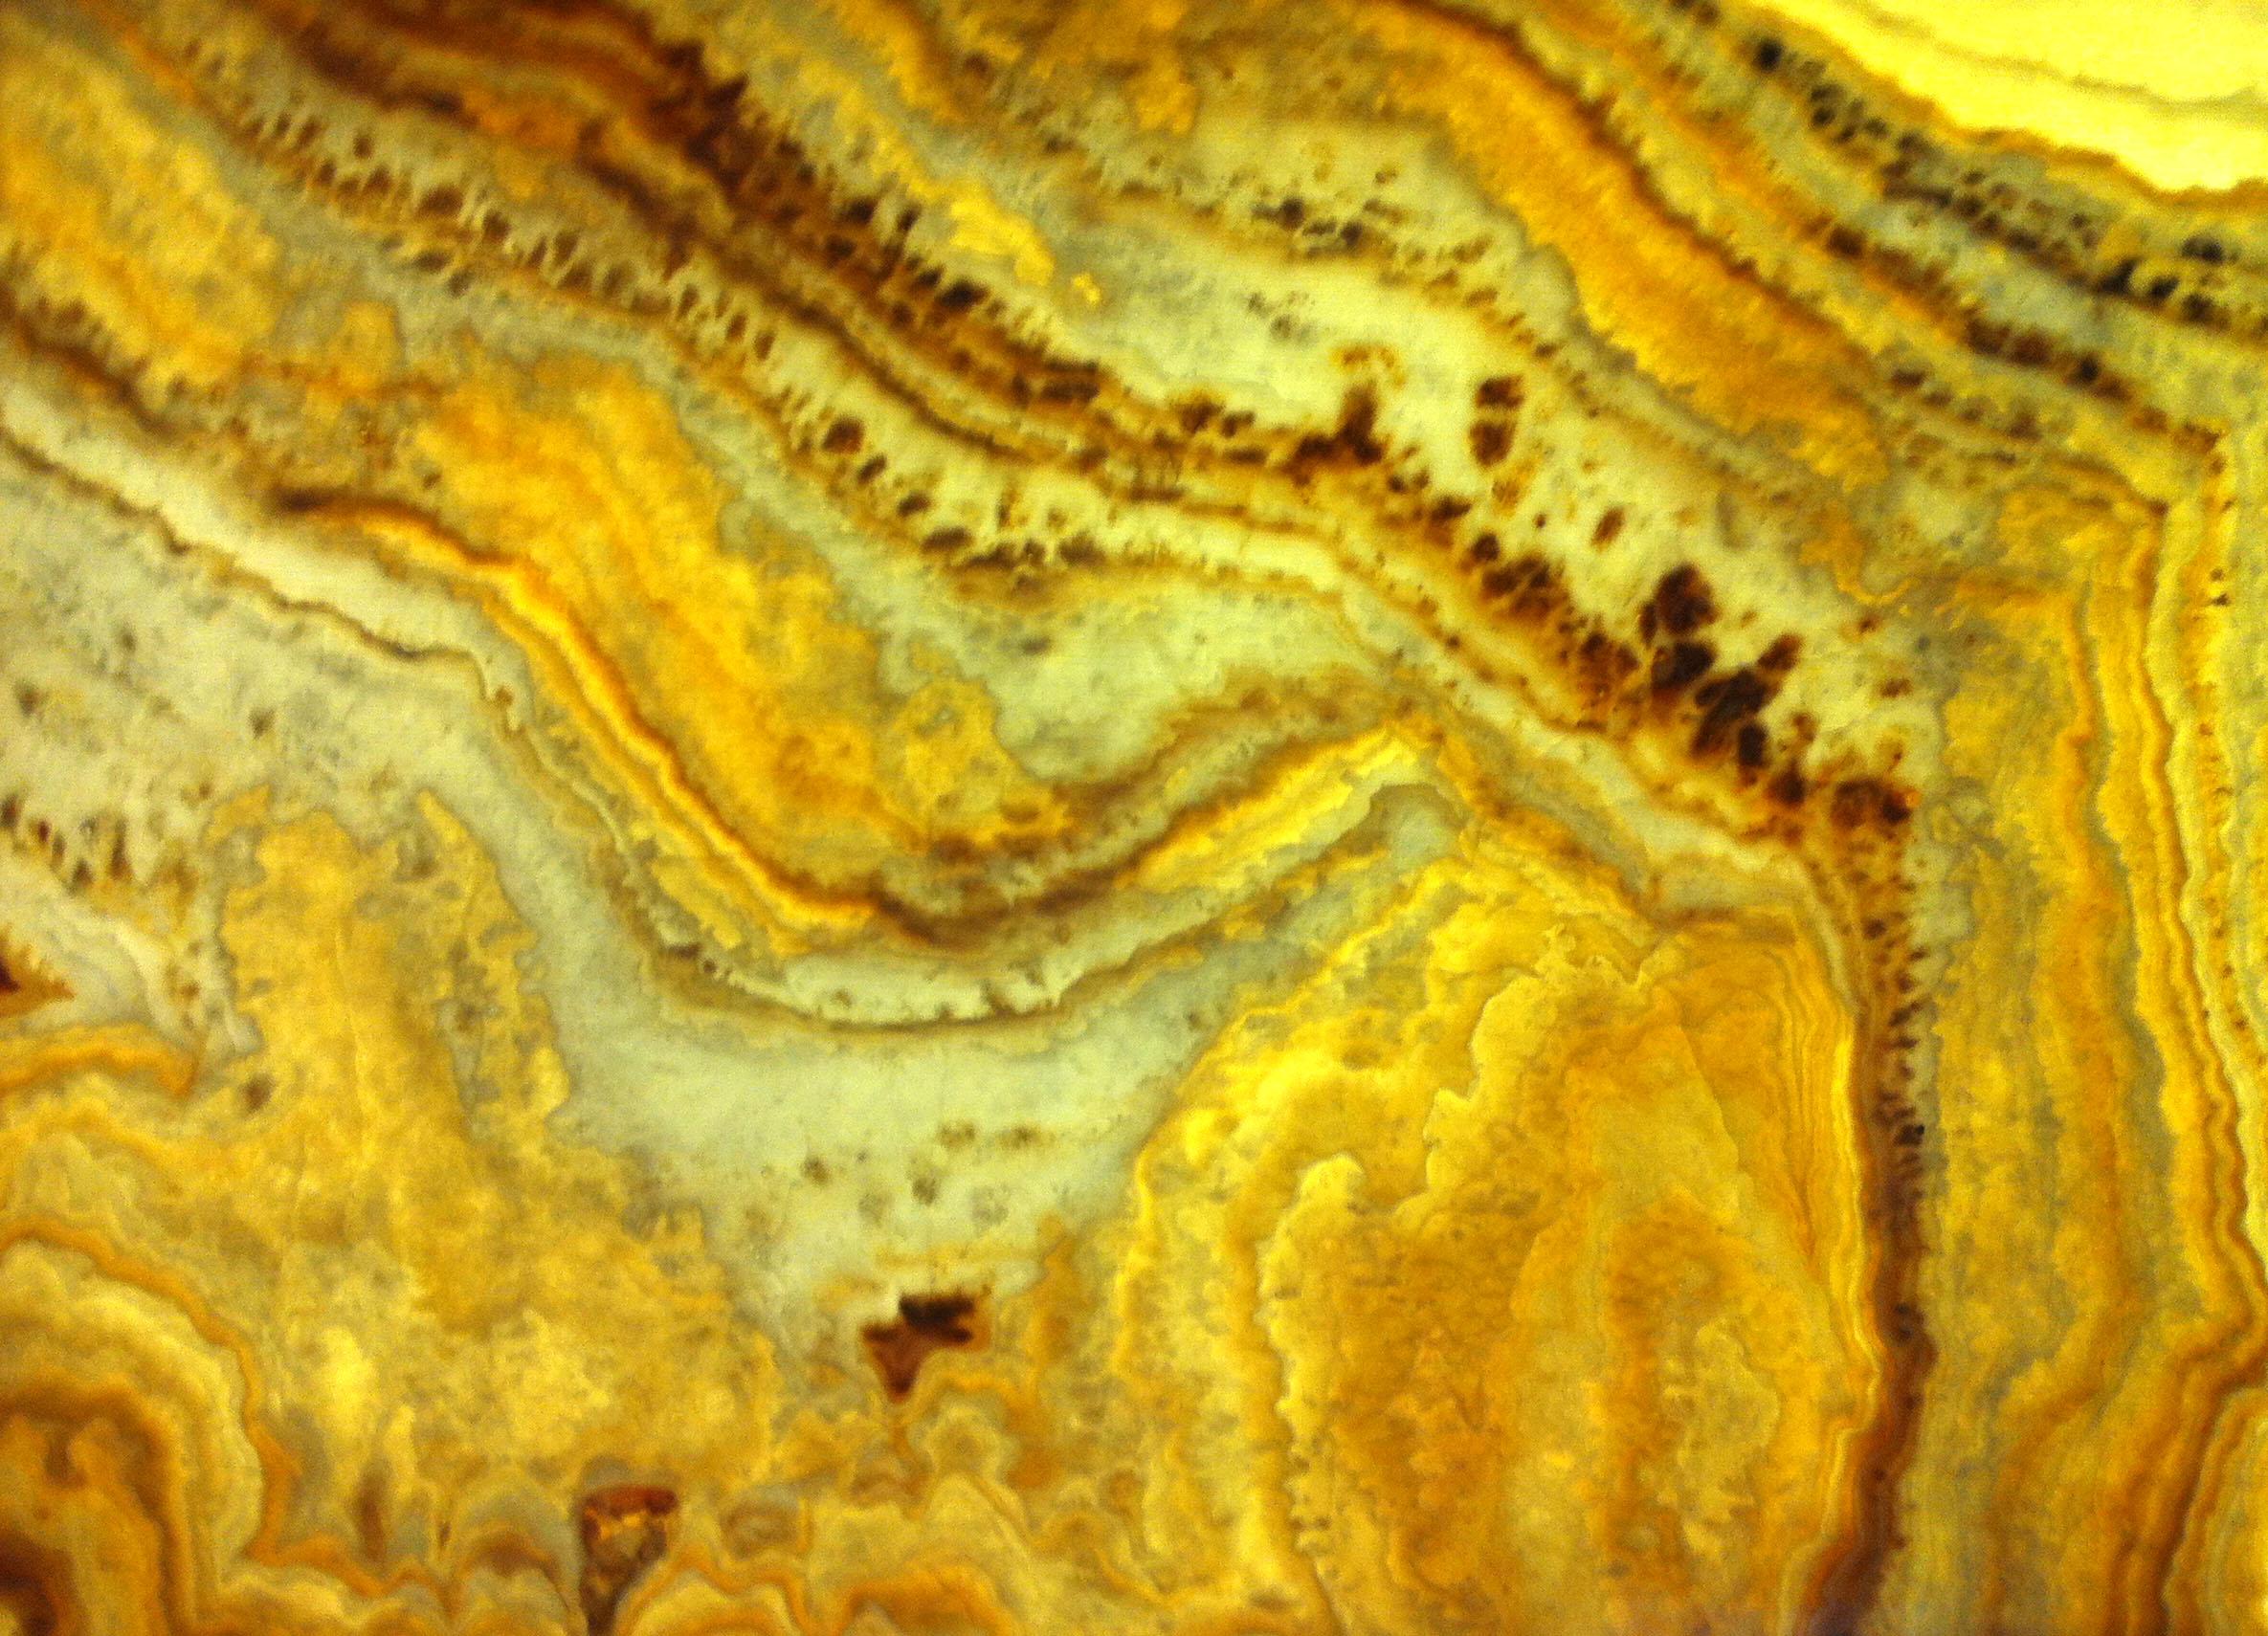 天然大理石 透光石 玛瑙透光石,透光玻璃吊顶效果图